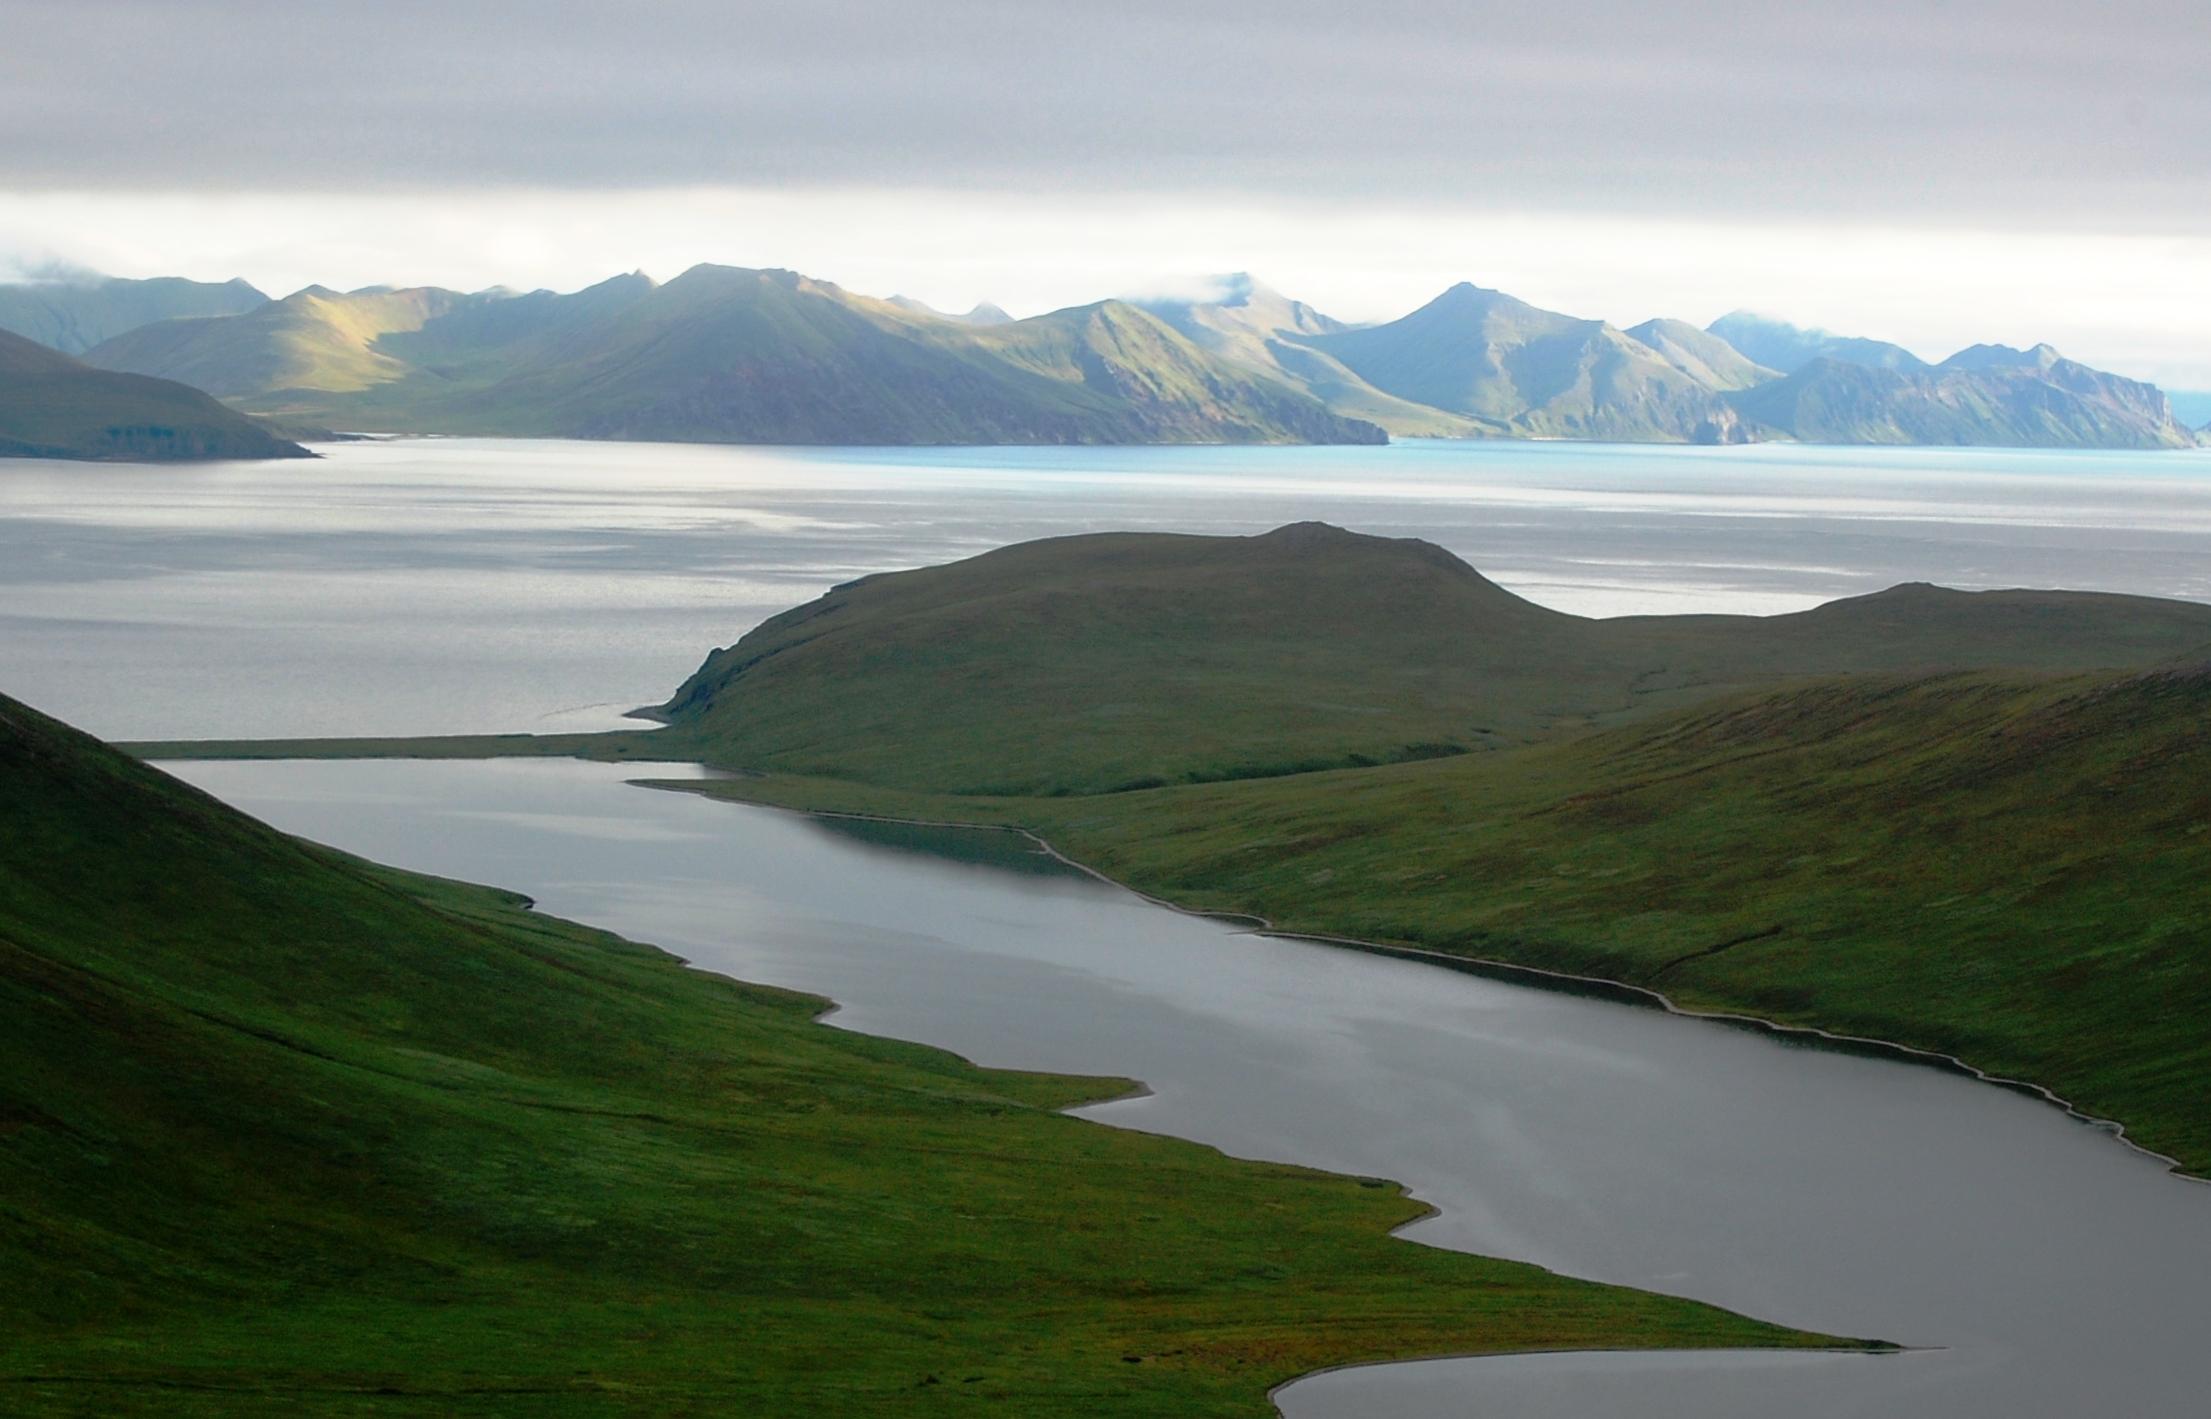 Unimak Island, Alaska Maritime National Wildlife Refuge. Photo by Kristine Sowl, USFWS